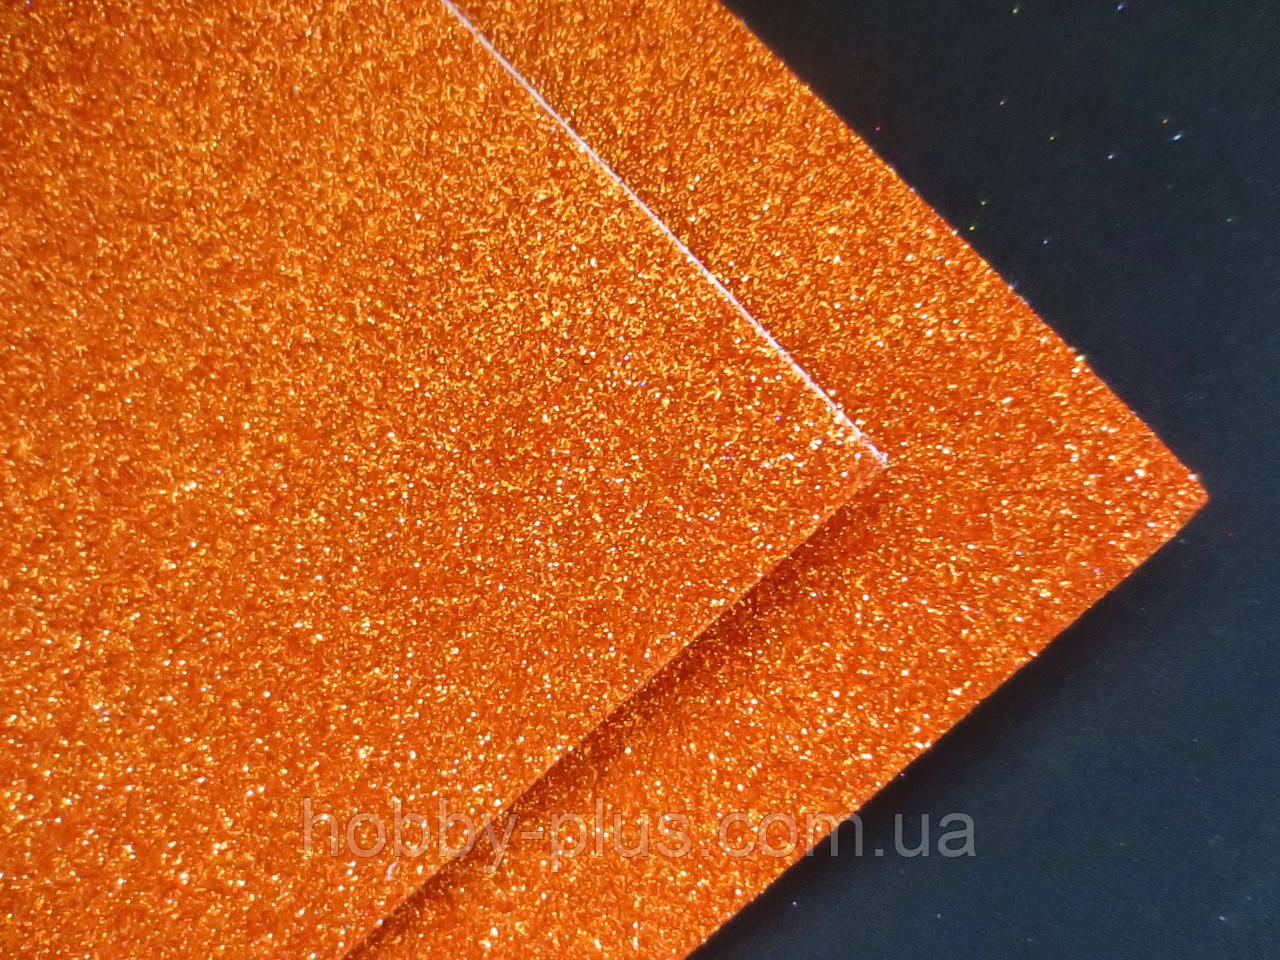 Фоамиран глиттерный на клеевой основе, 2 мм, 20x30 см, Китай, ОРАНЖЕВЫЙ